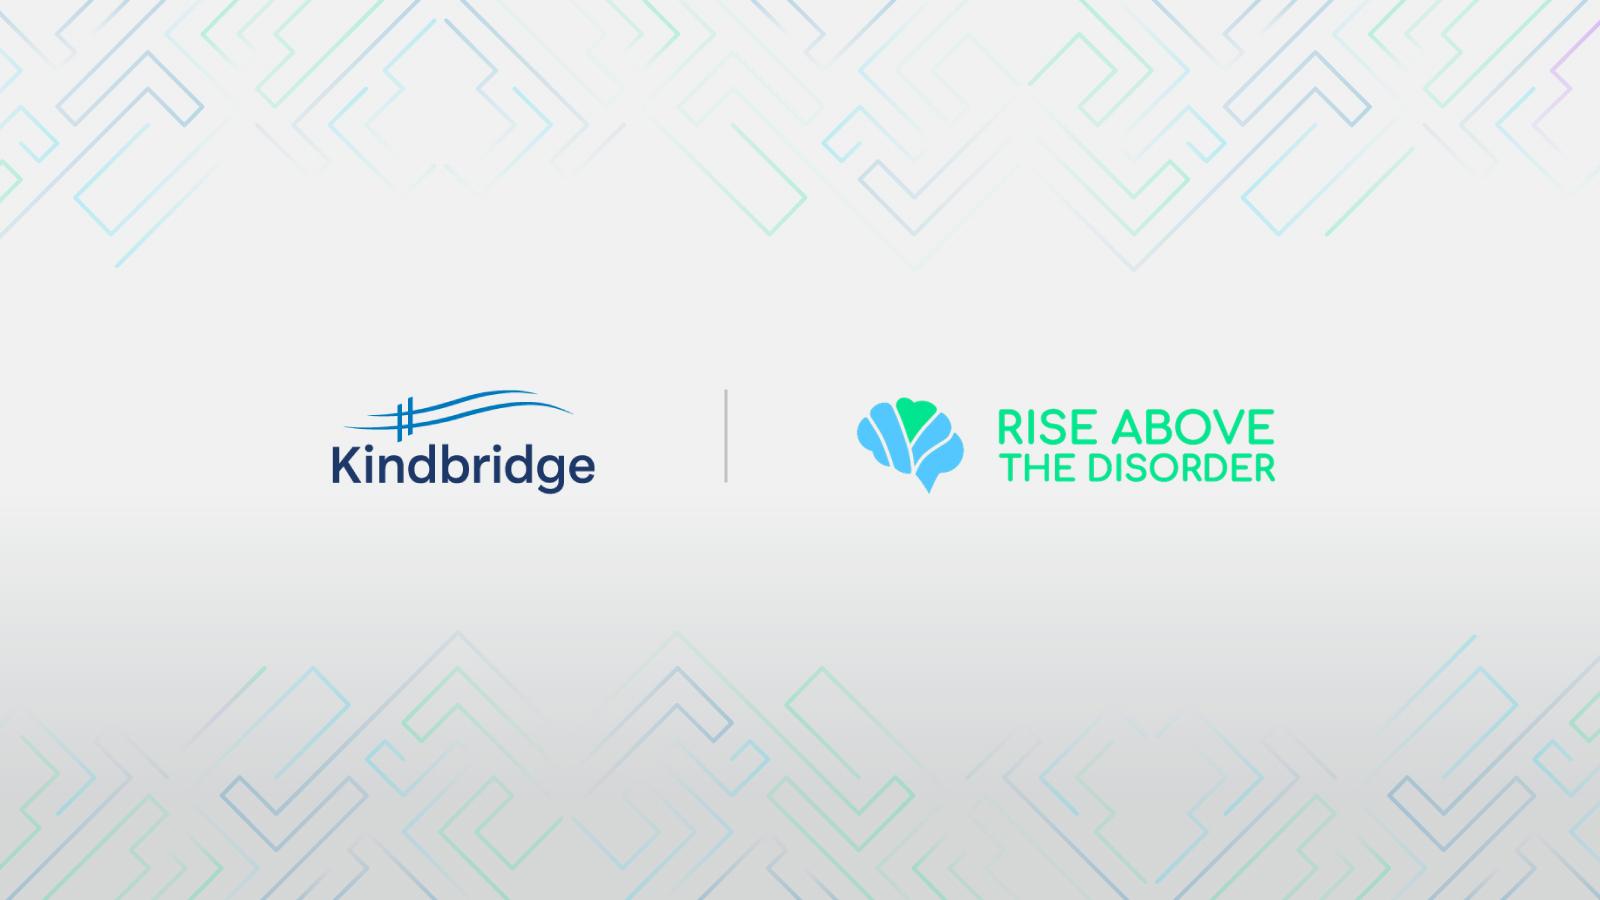 kindbridge RAD